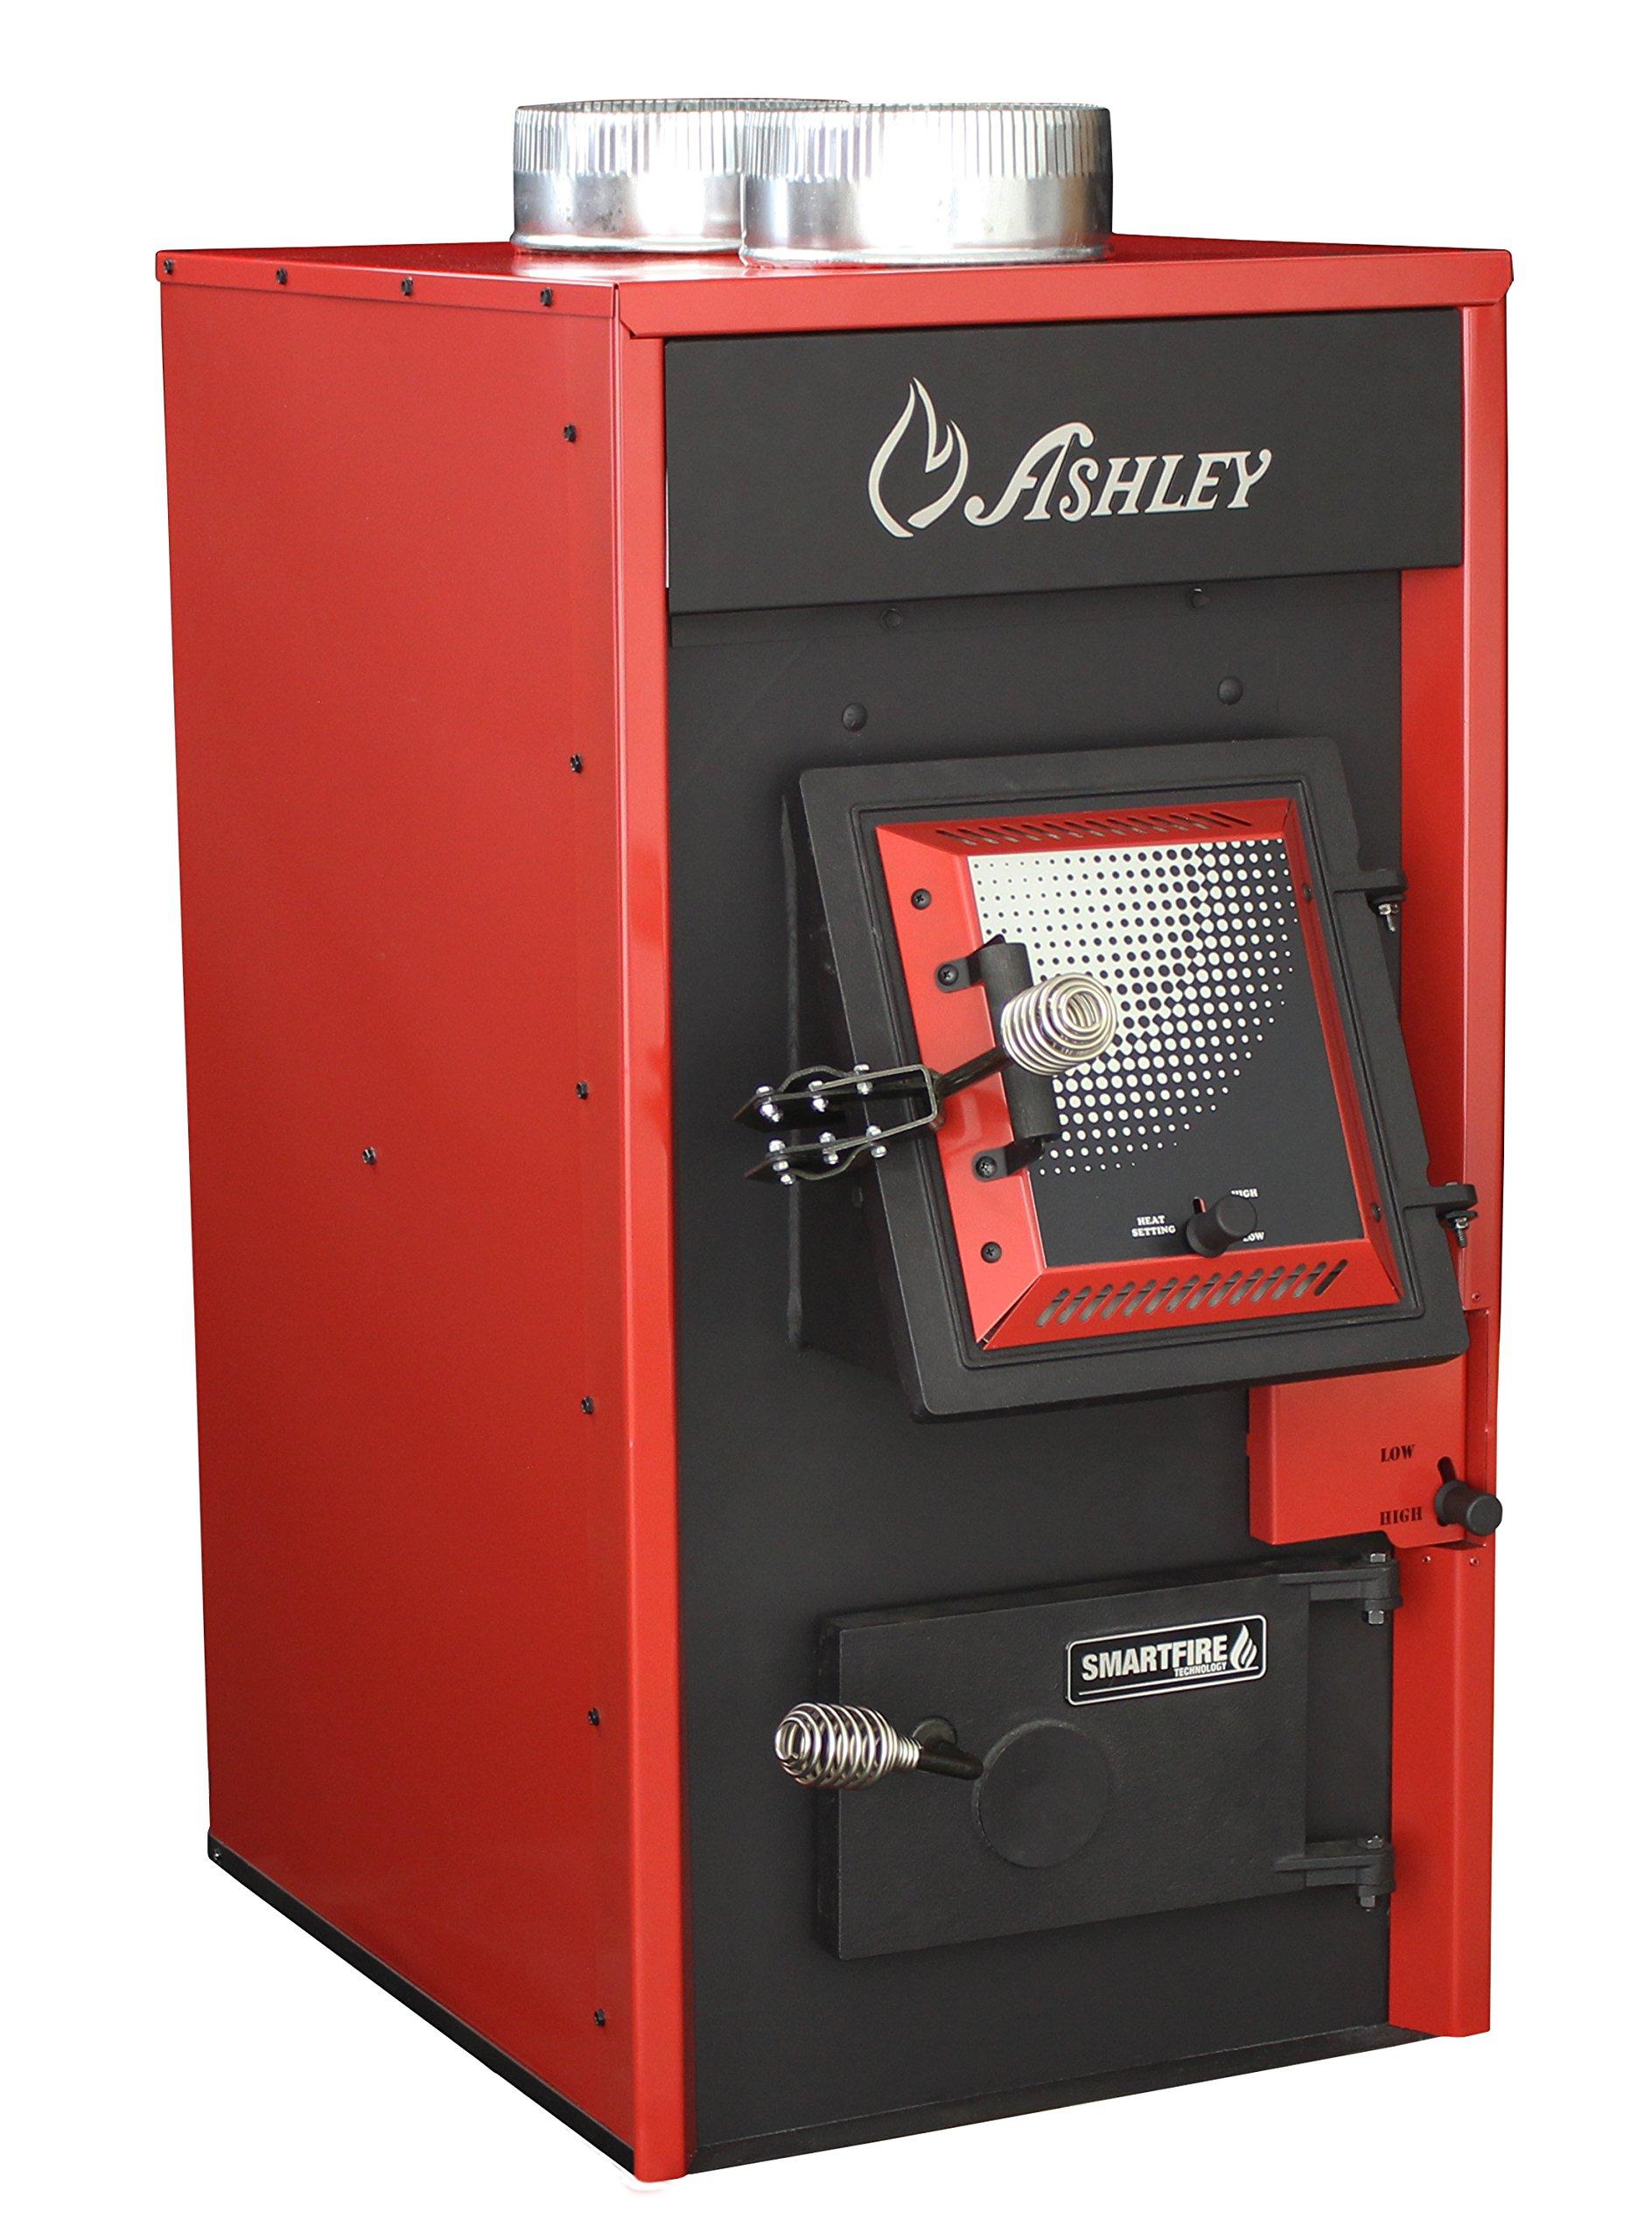 Ashley 1330E Hotblast Wood Burning Warm Air Furnace